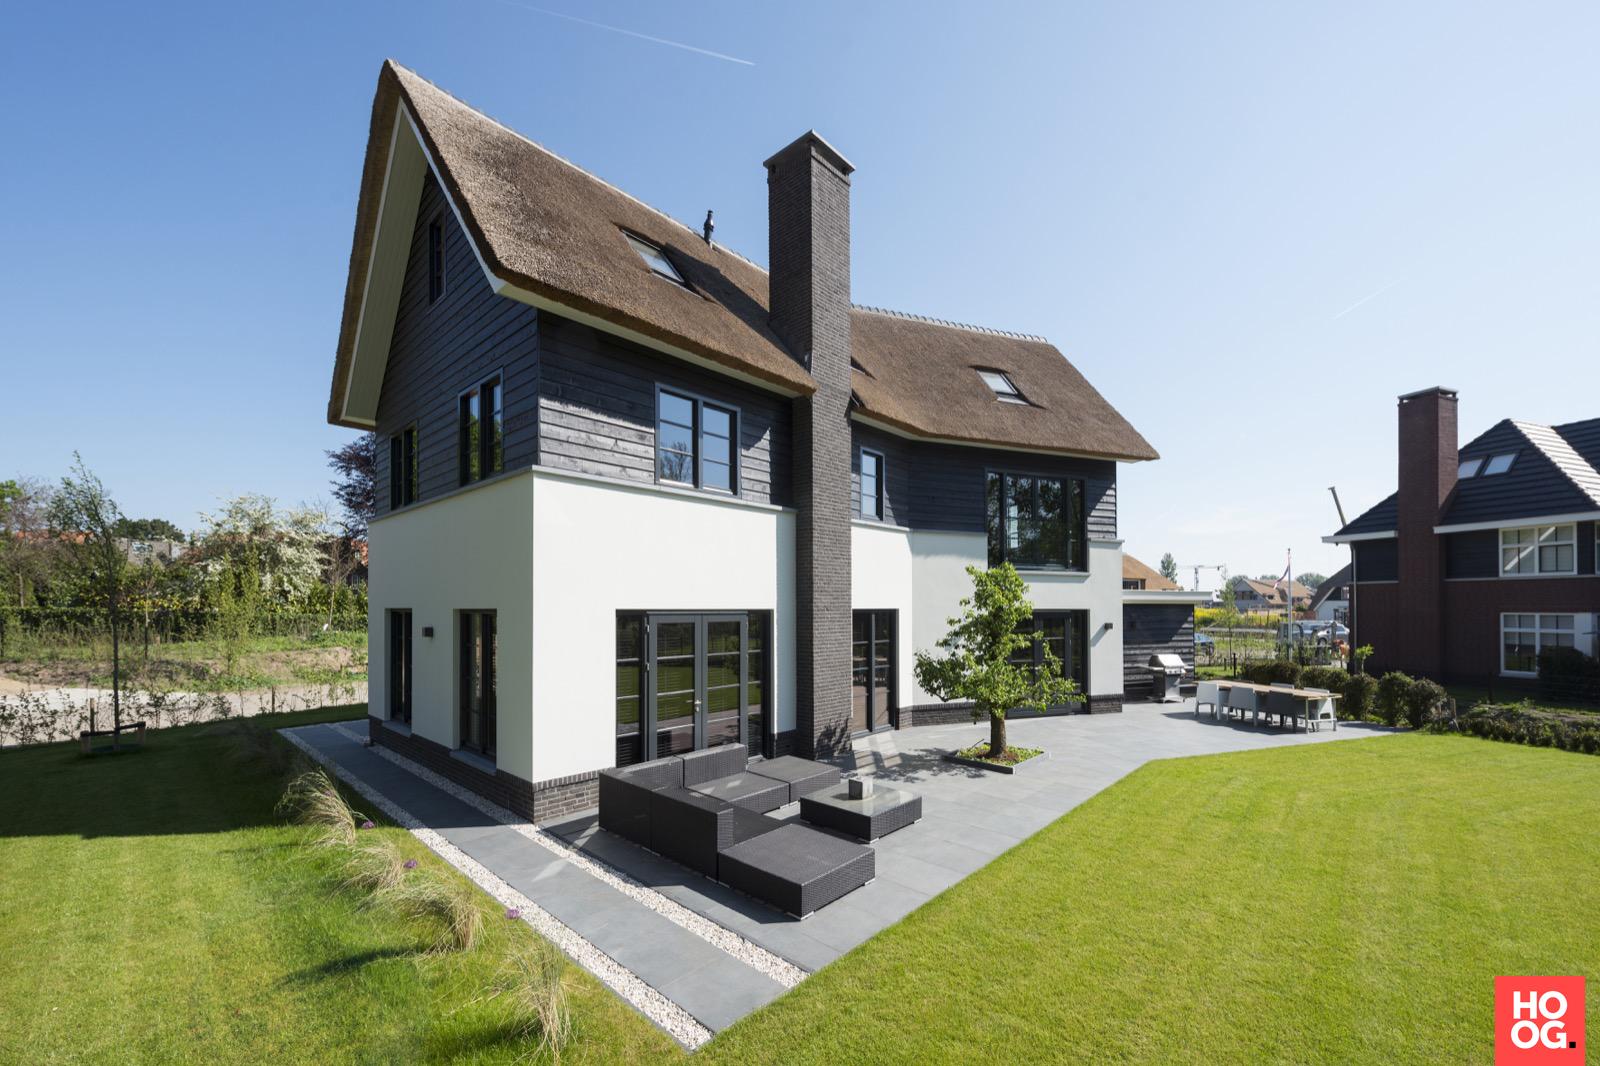 Villa Frisius - Hoog ■ Exclusieve woon- en tuin inspiratie.